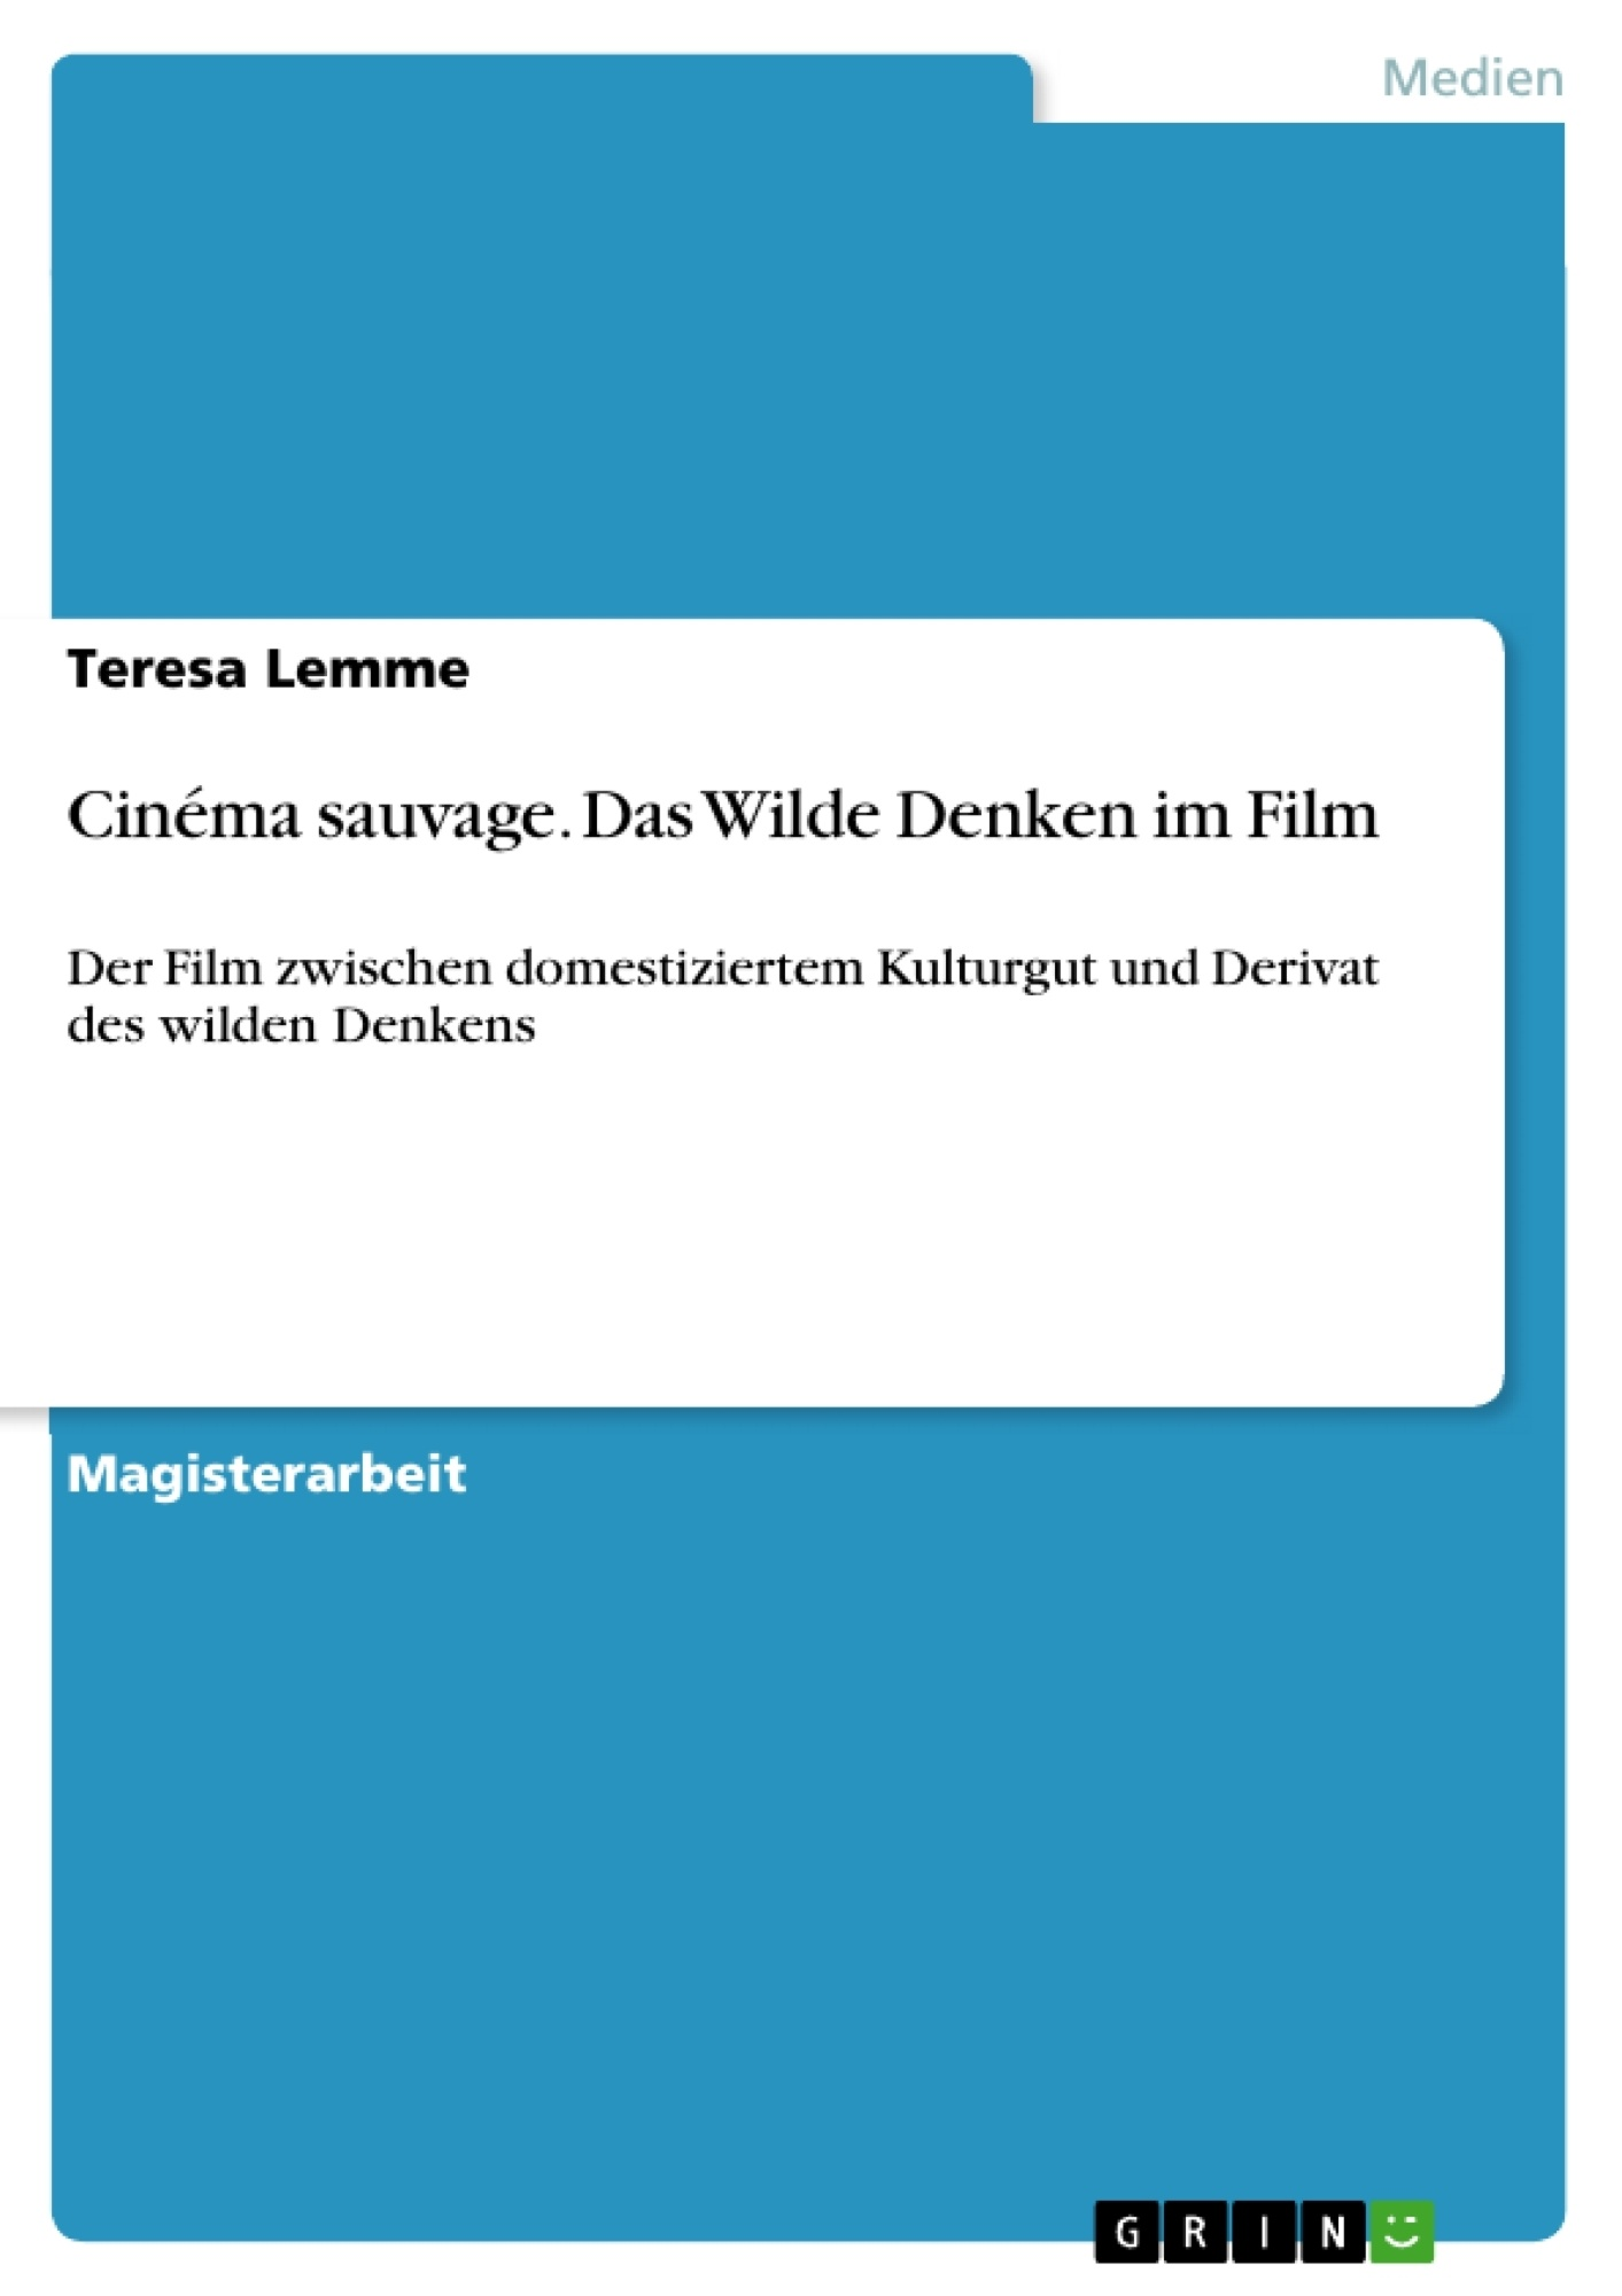 Titel: Cinéma sauvage. Das Wilde Denken im Film